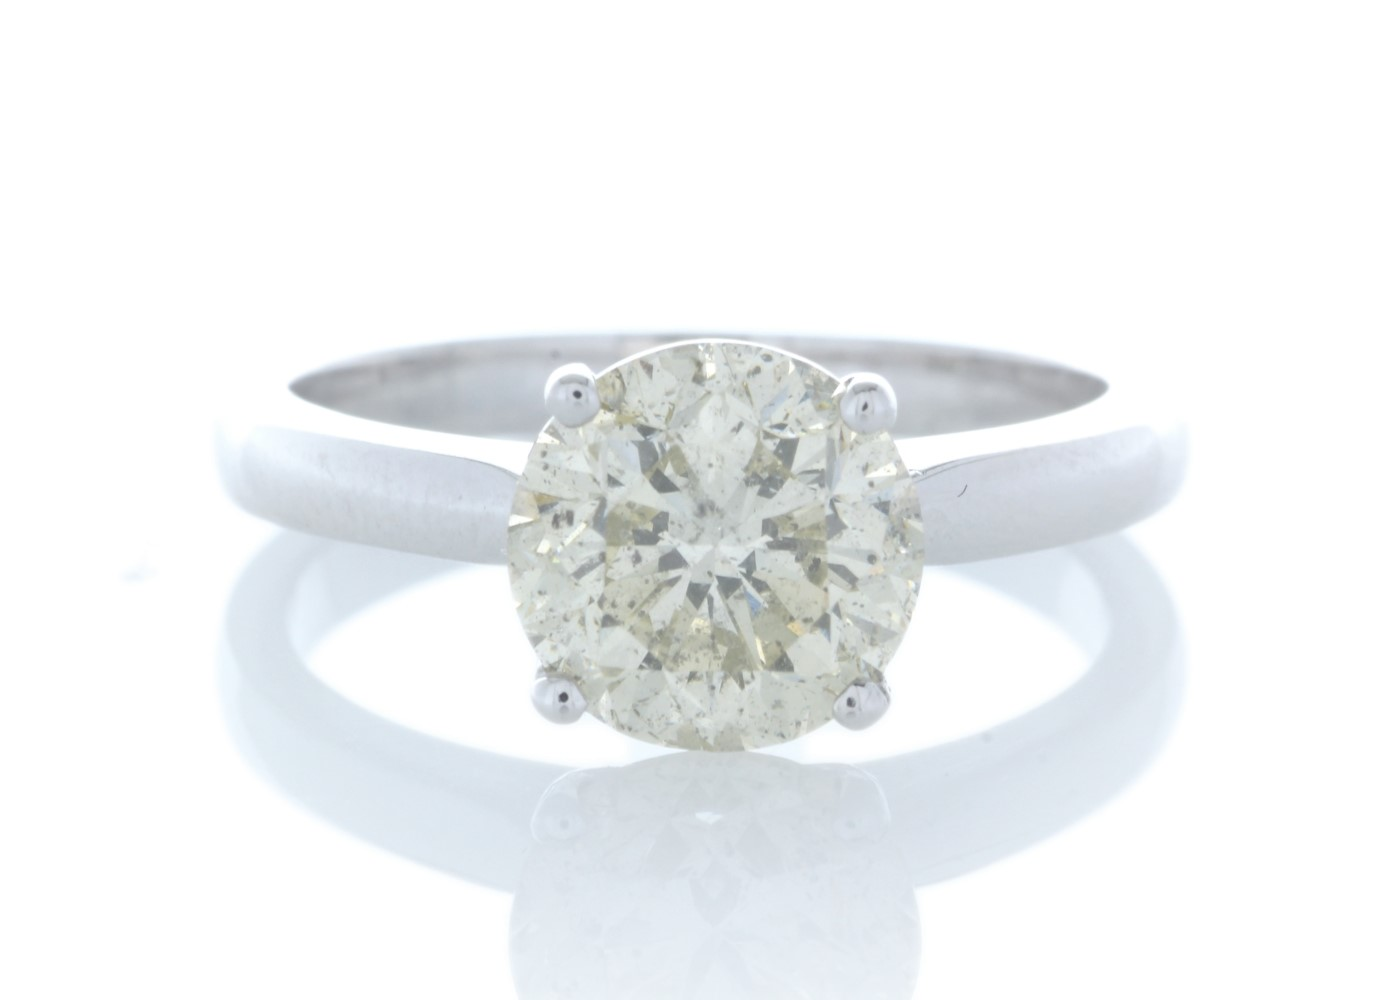 18ct White Gold Rex Set Diamond Ring 2.29 Carats